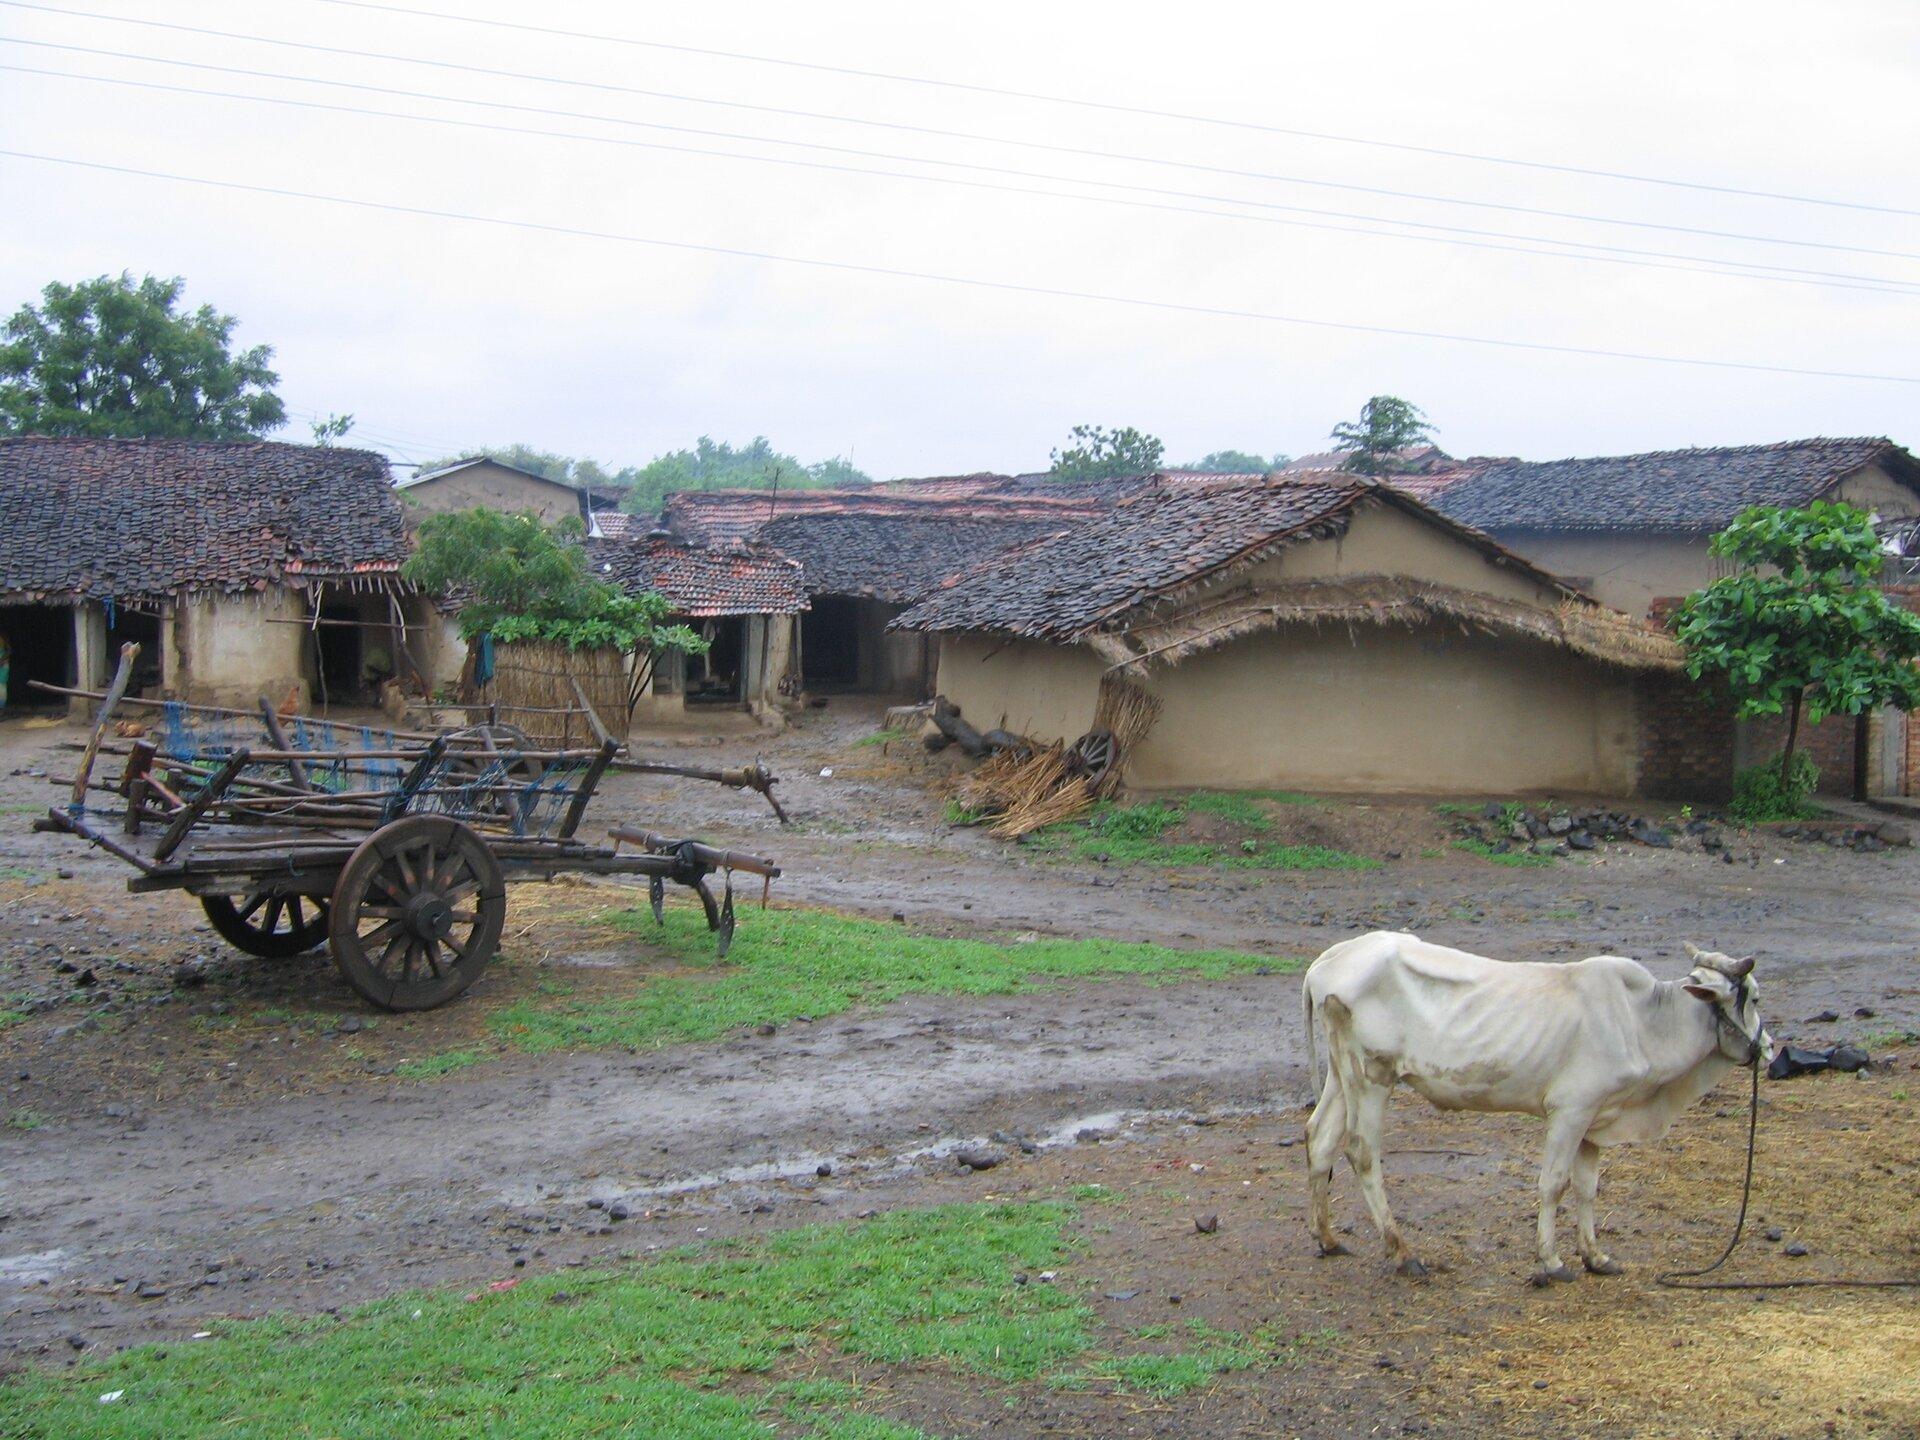 Na zdjęciu skromne wiejskie zabudowania, przed nimi drewniany dwukołowy wóz ikrowa. Mokro, błotnista droga.